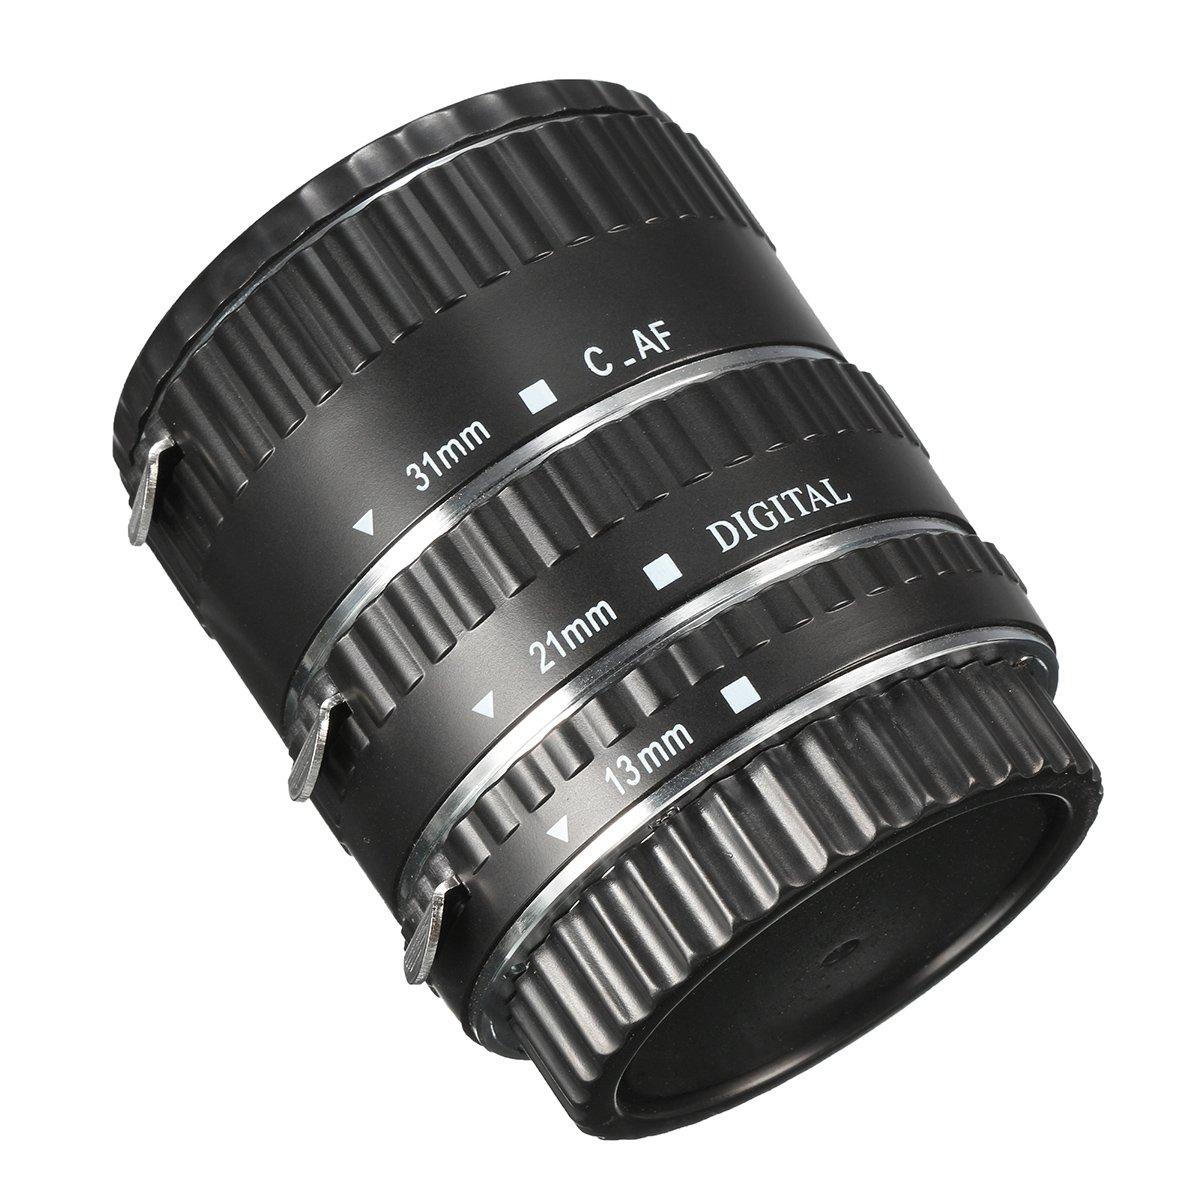 オートフォーカスAFマクロ拡張子メタルチューブ13 mm 21 mm mm 31 mm for for Canon mm EOSレンズ B07FLWJFHC, マシキマチ:6cb496f6 --- ijpba.info